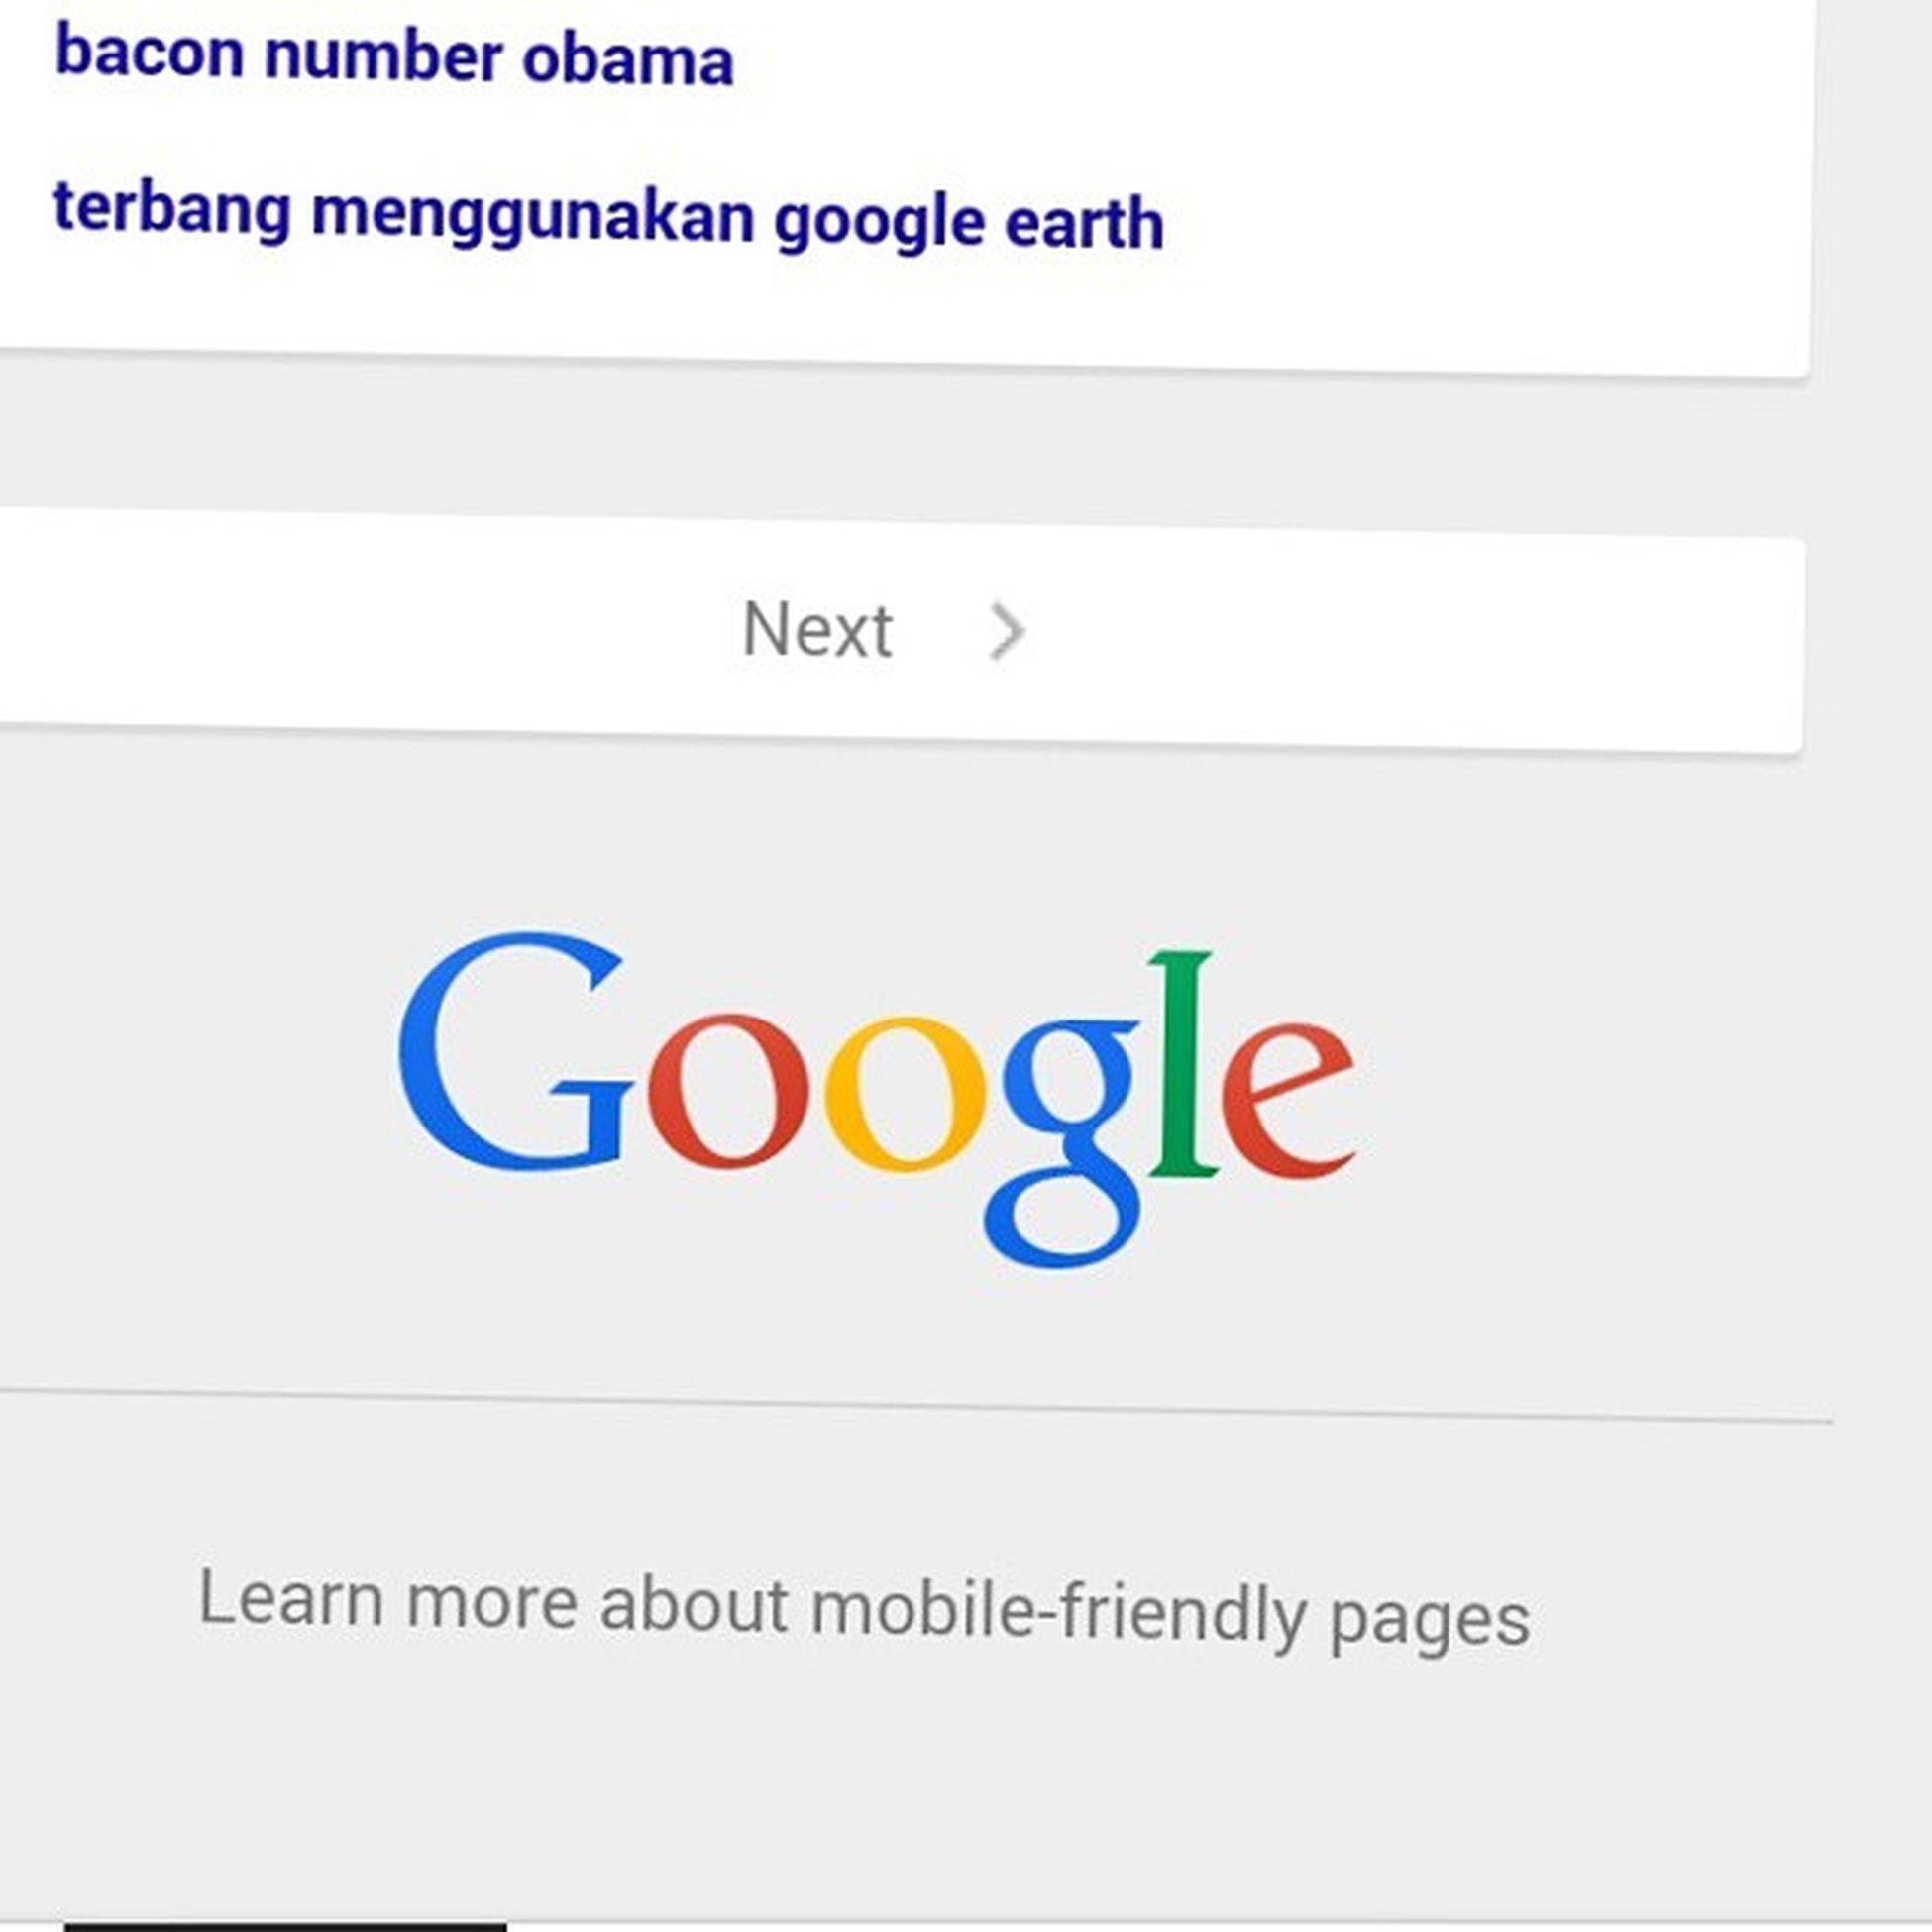 Bisakh anda screenshot google seperti ini Tulisan Google Aneh Agak miring coba dulu